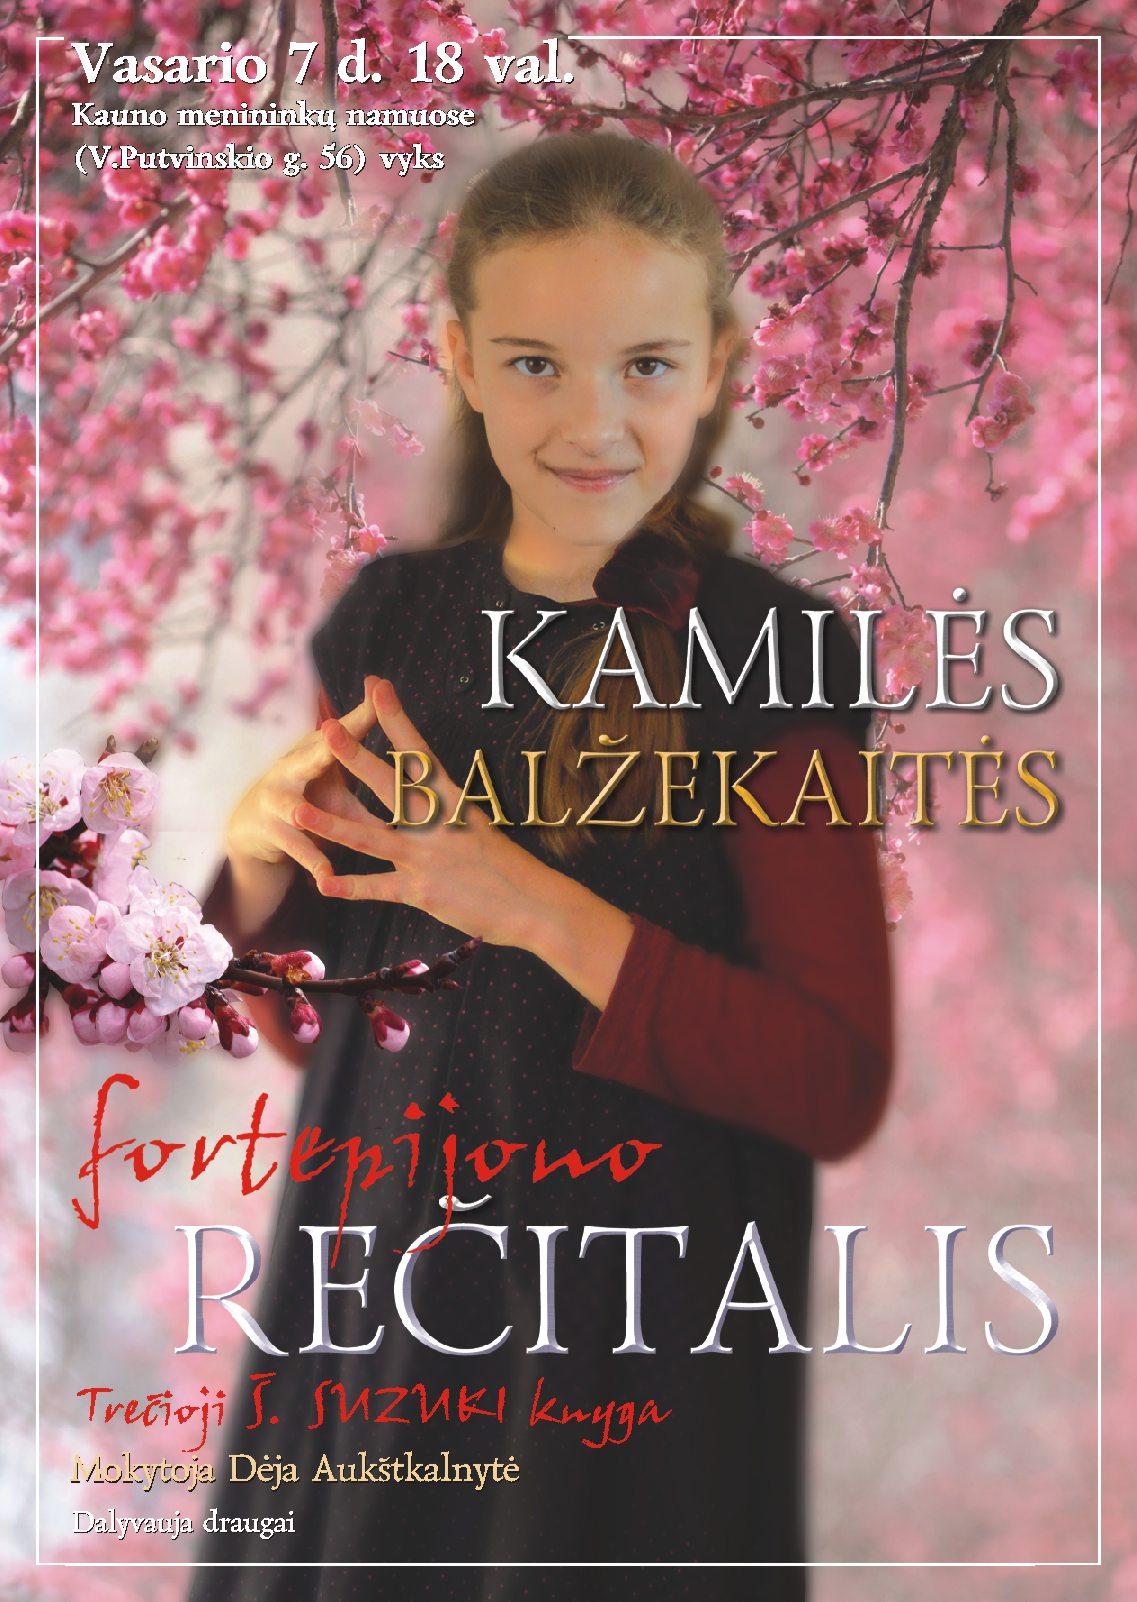 Kamiles-3-recitalis